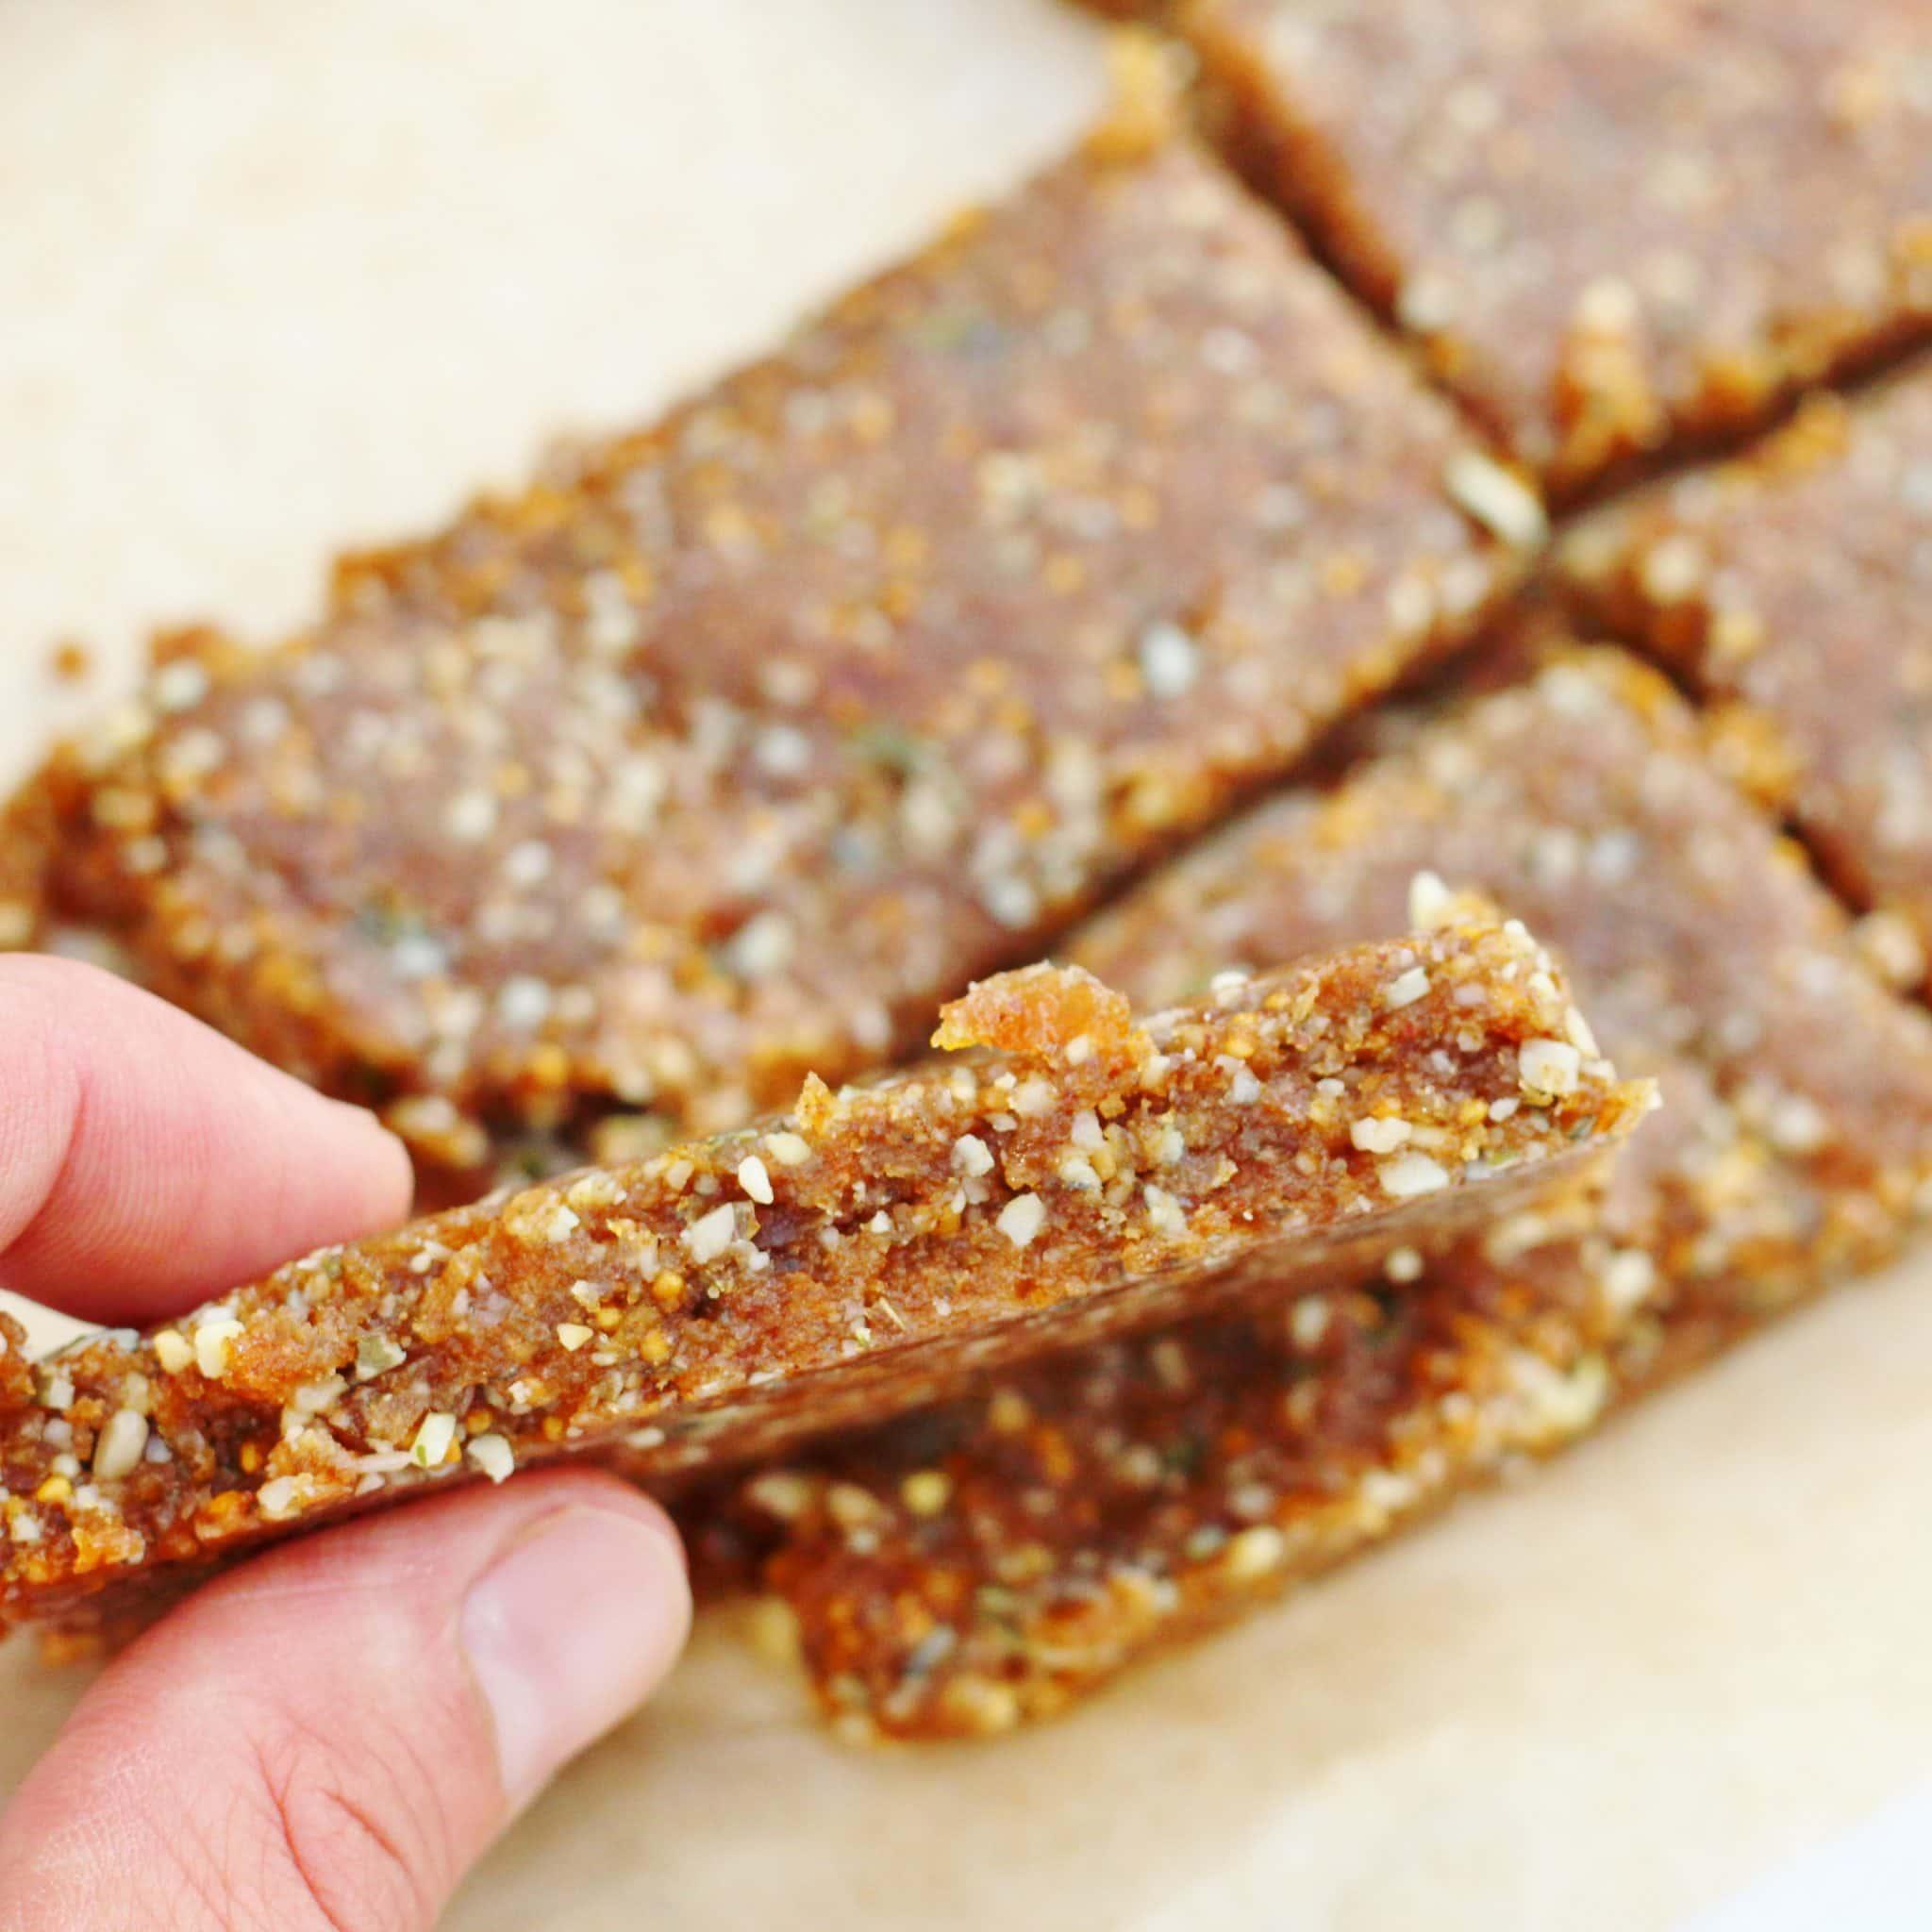 Sugar Free Peanut Snack Bars